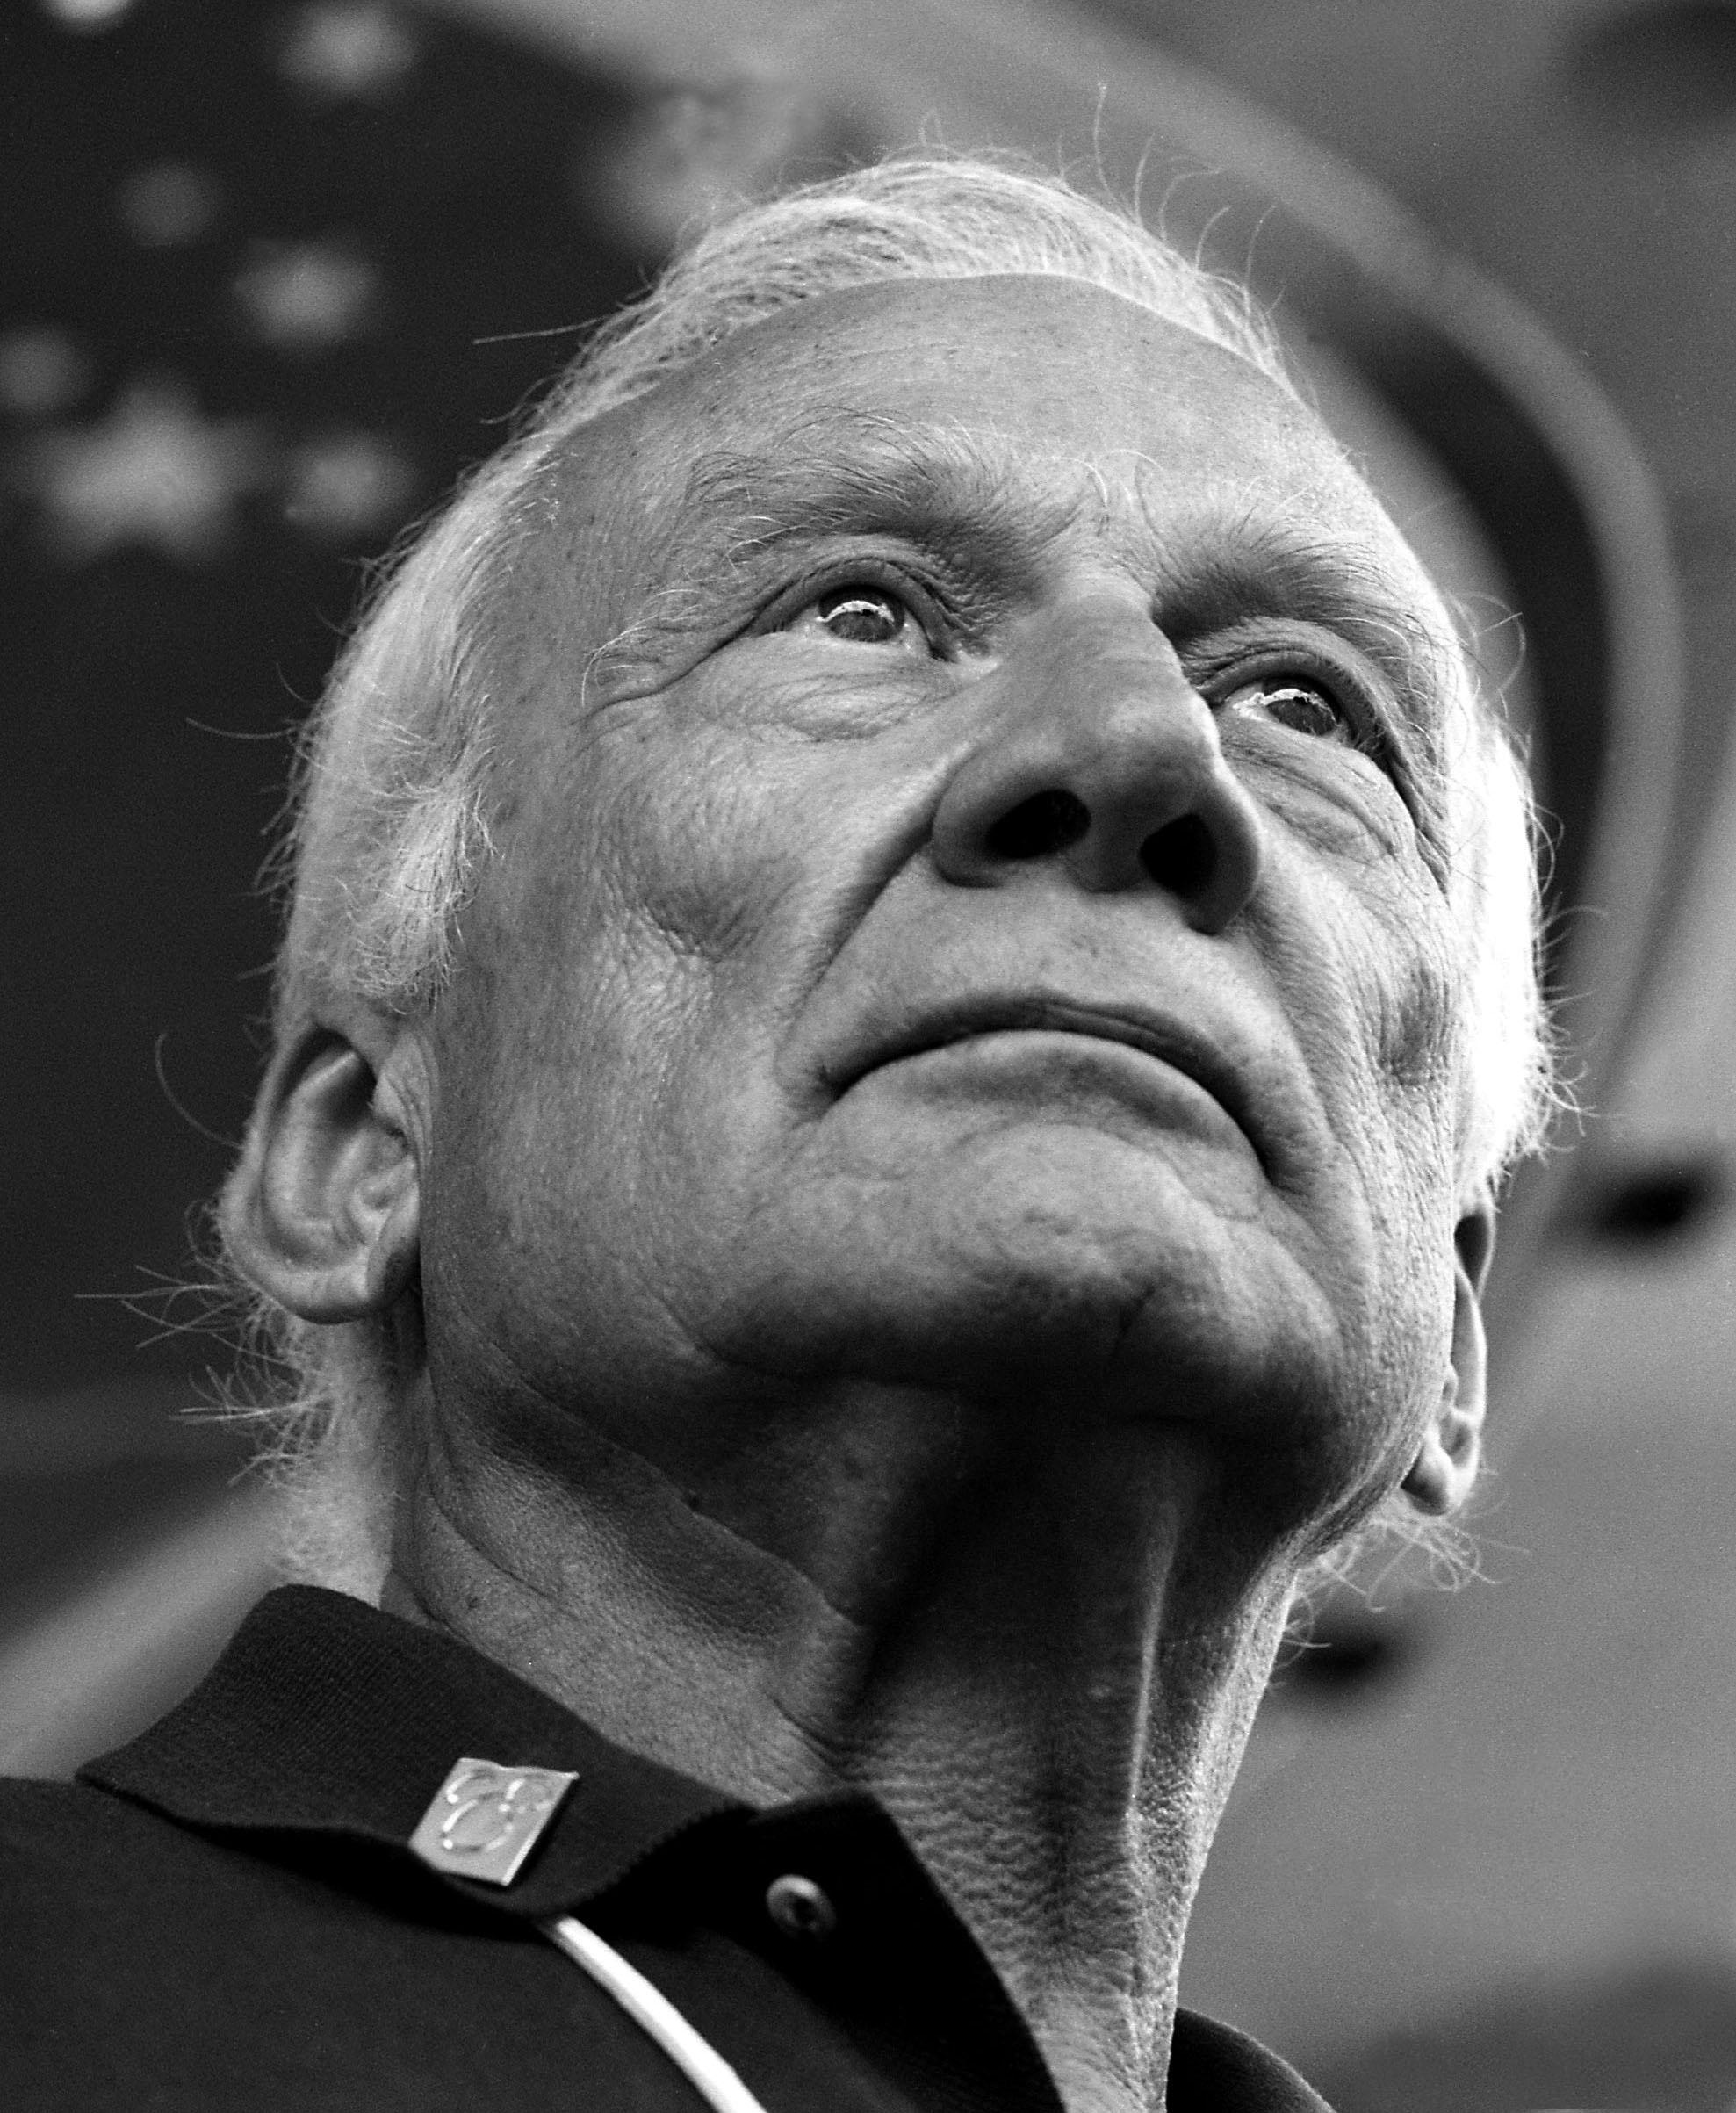 Buzz Aldrin, Astronaut. USA 1999